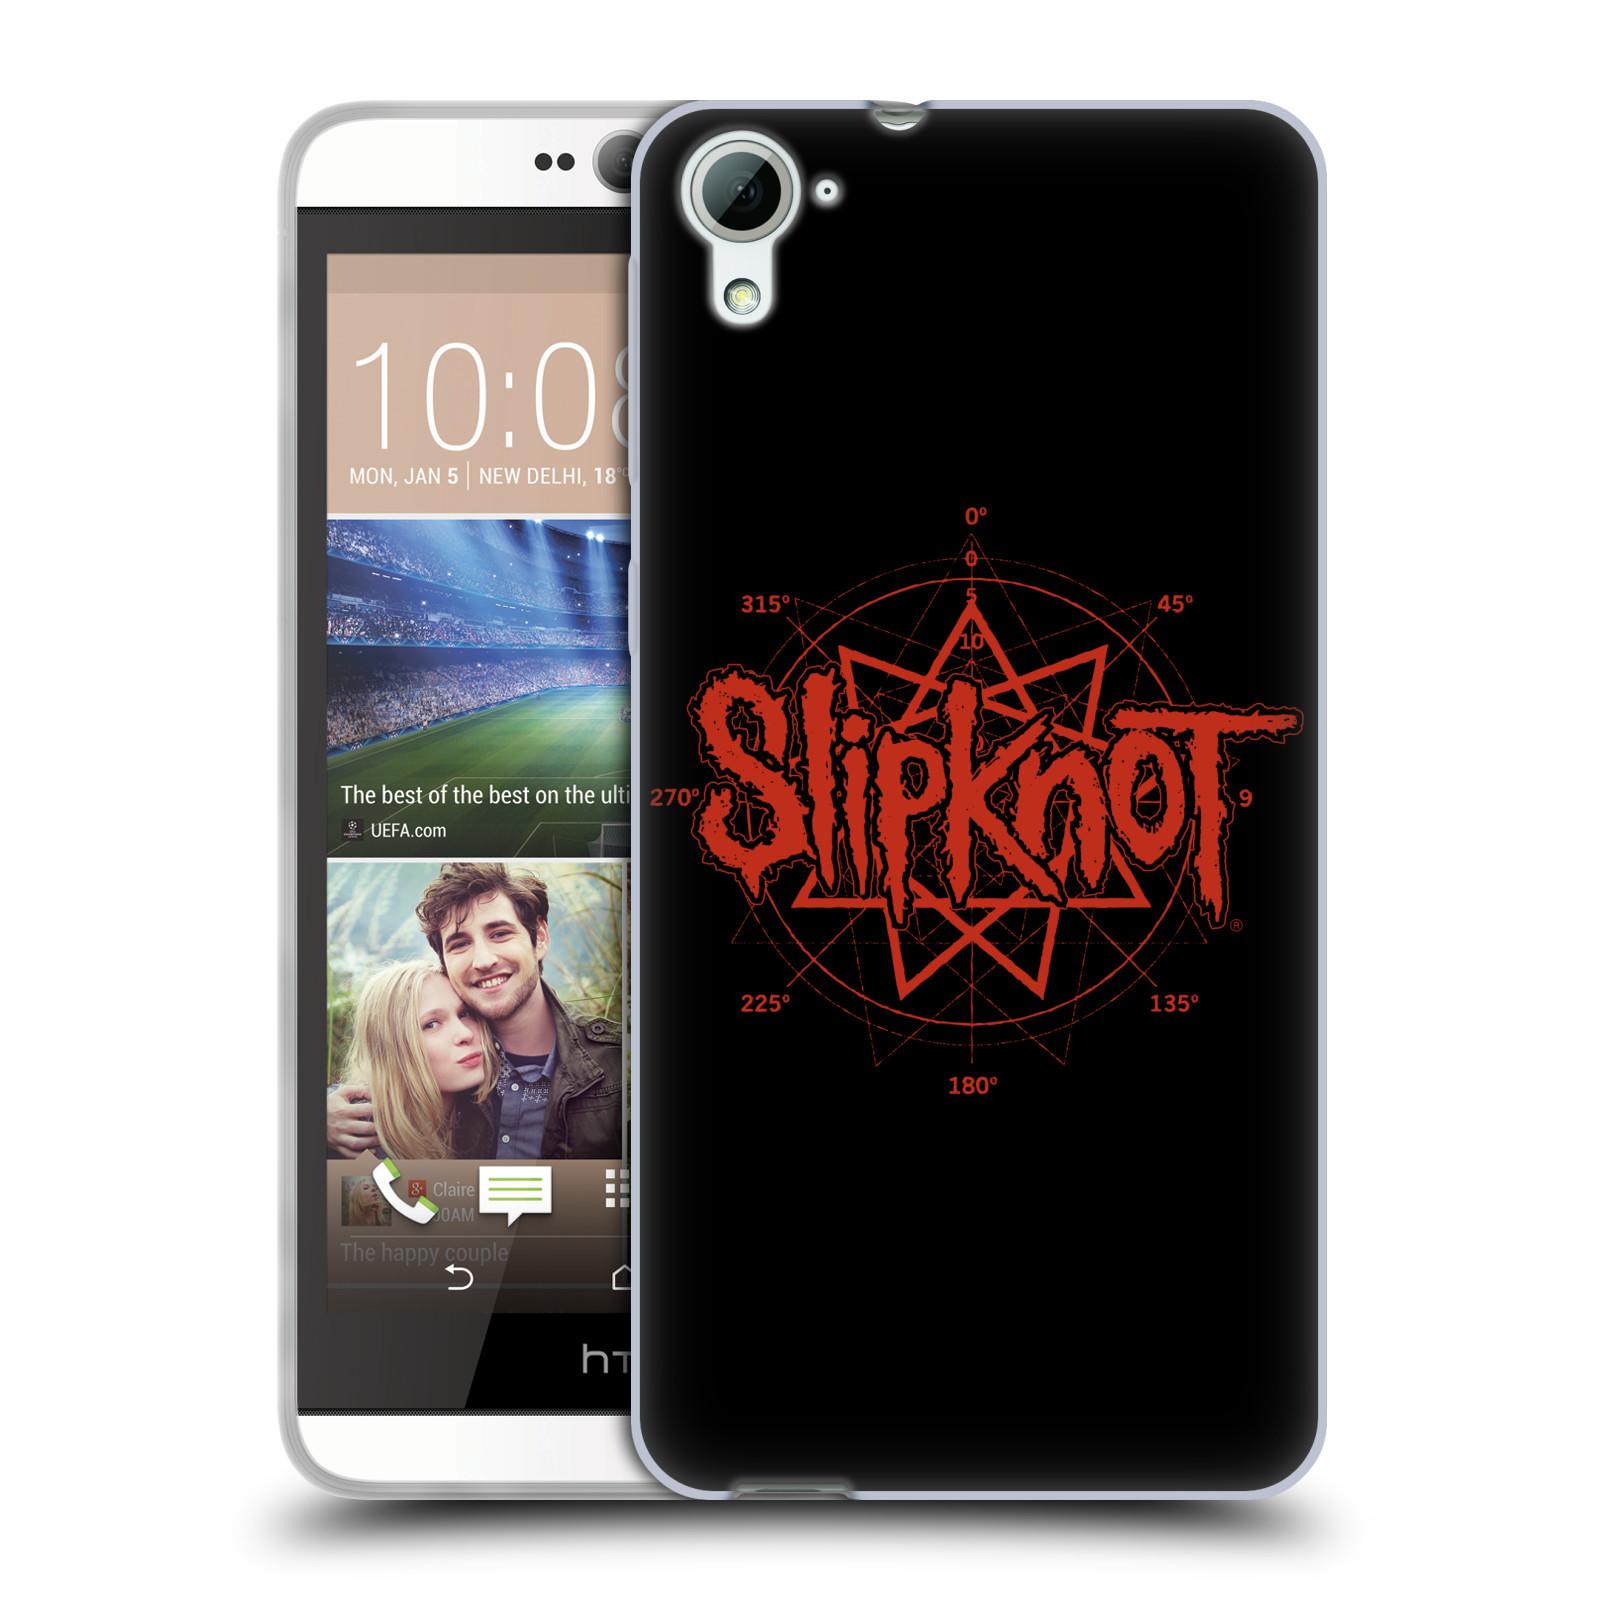 HEAD CASE silikonový obal na mobil HTC Desire 826 hudební skupina Slipknot logo